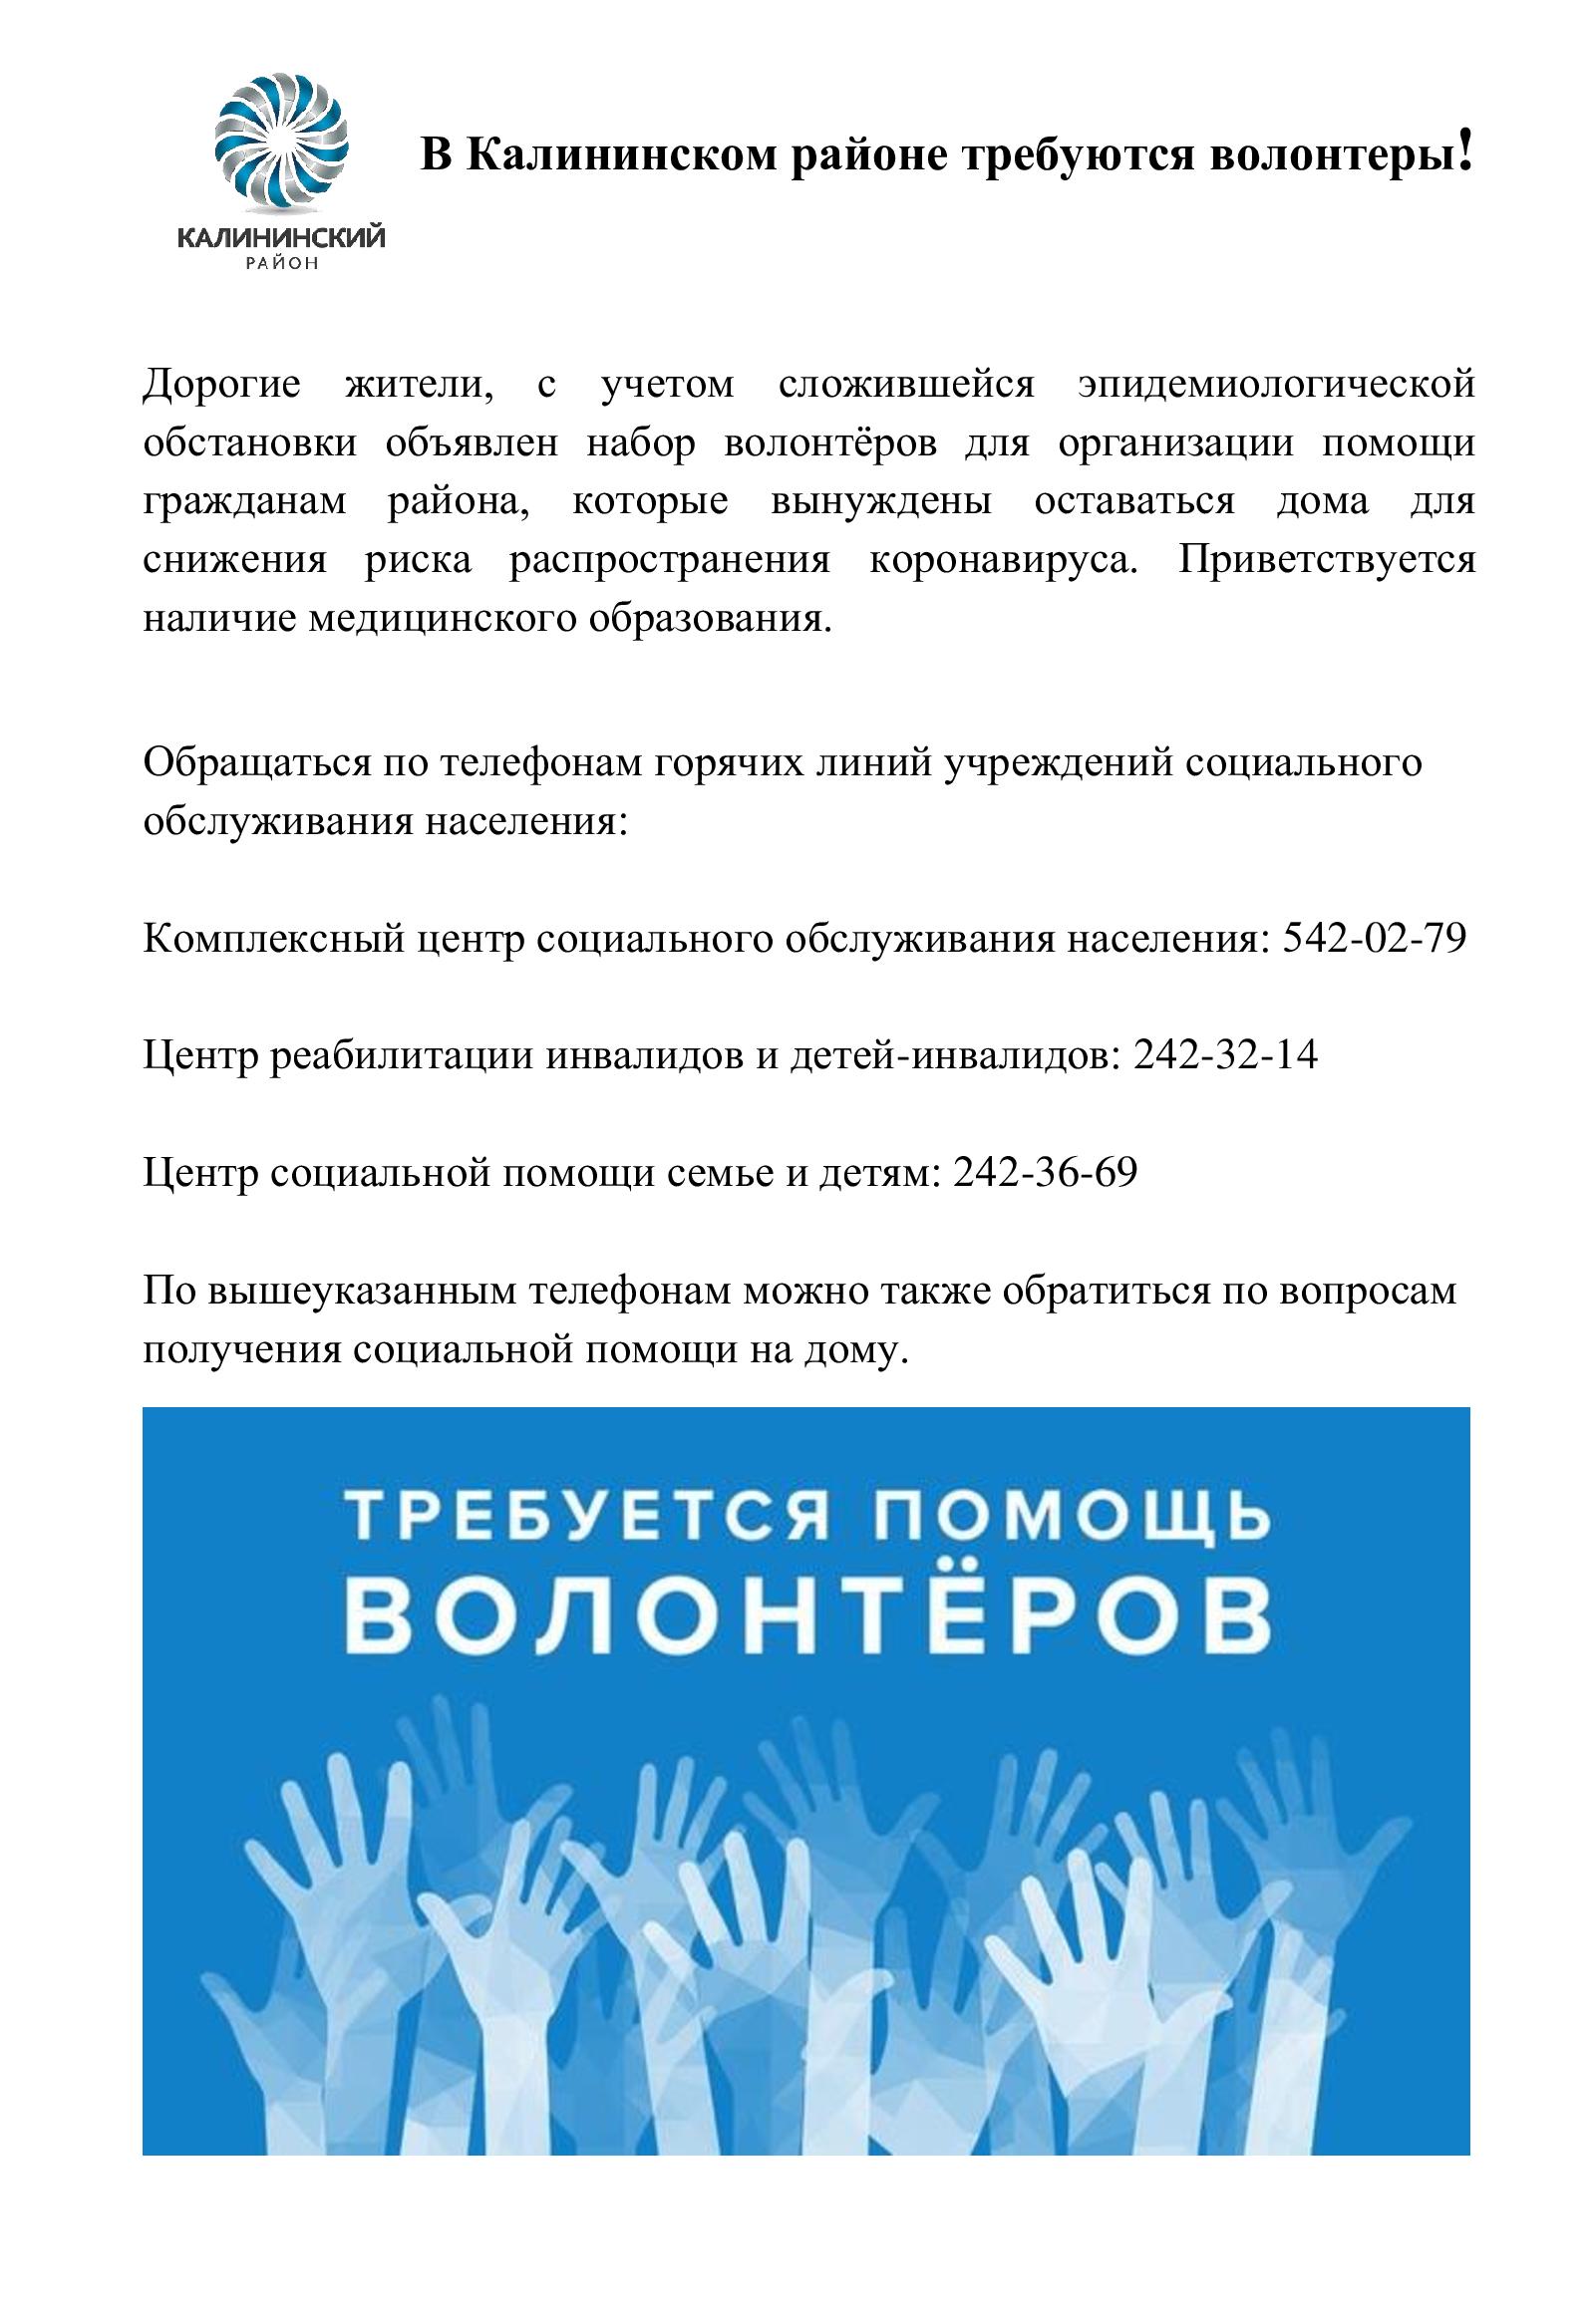 Набор волонтеров